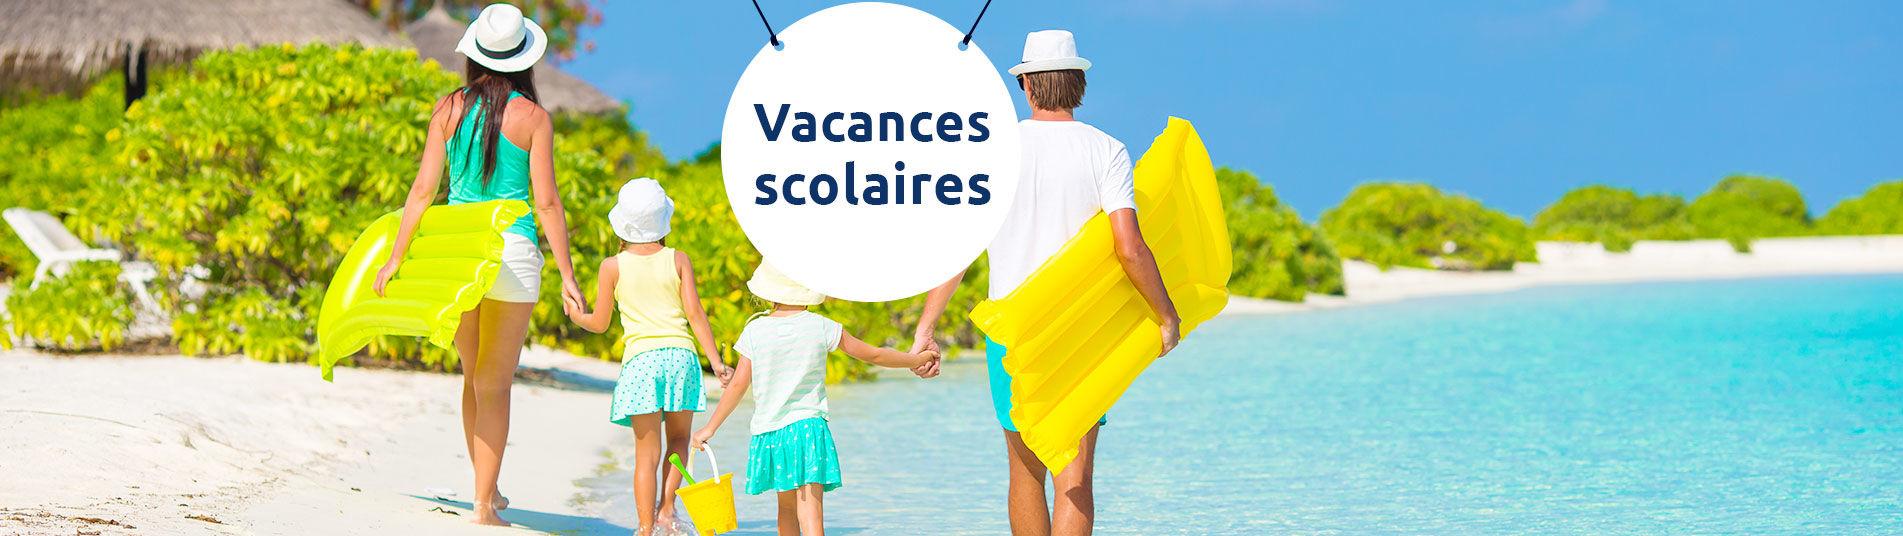 Vacances en France : est-ce un grand pays ?